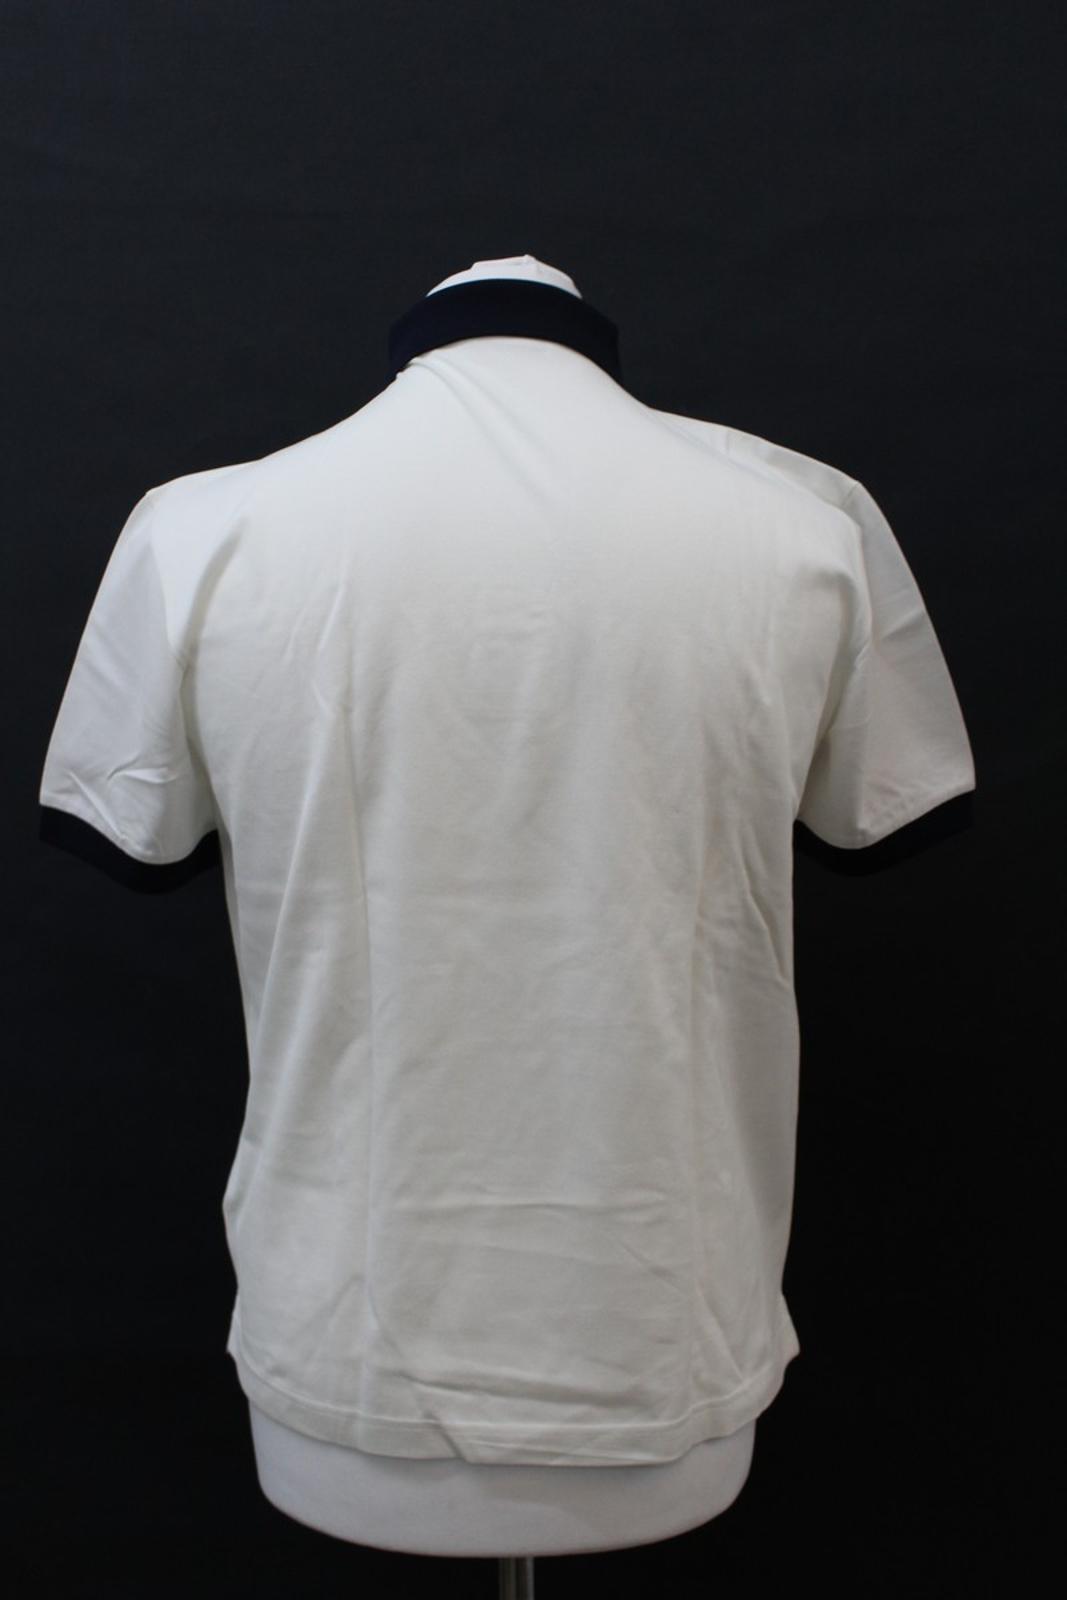 PRADA-Uomo-Avorio-Blu-Navy-Cotone-Maniche-Corte-Con-Colletto-Collo-Polo-XL miniatura 5